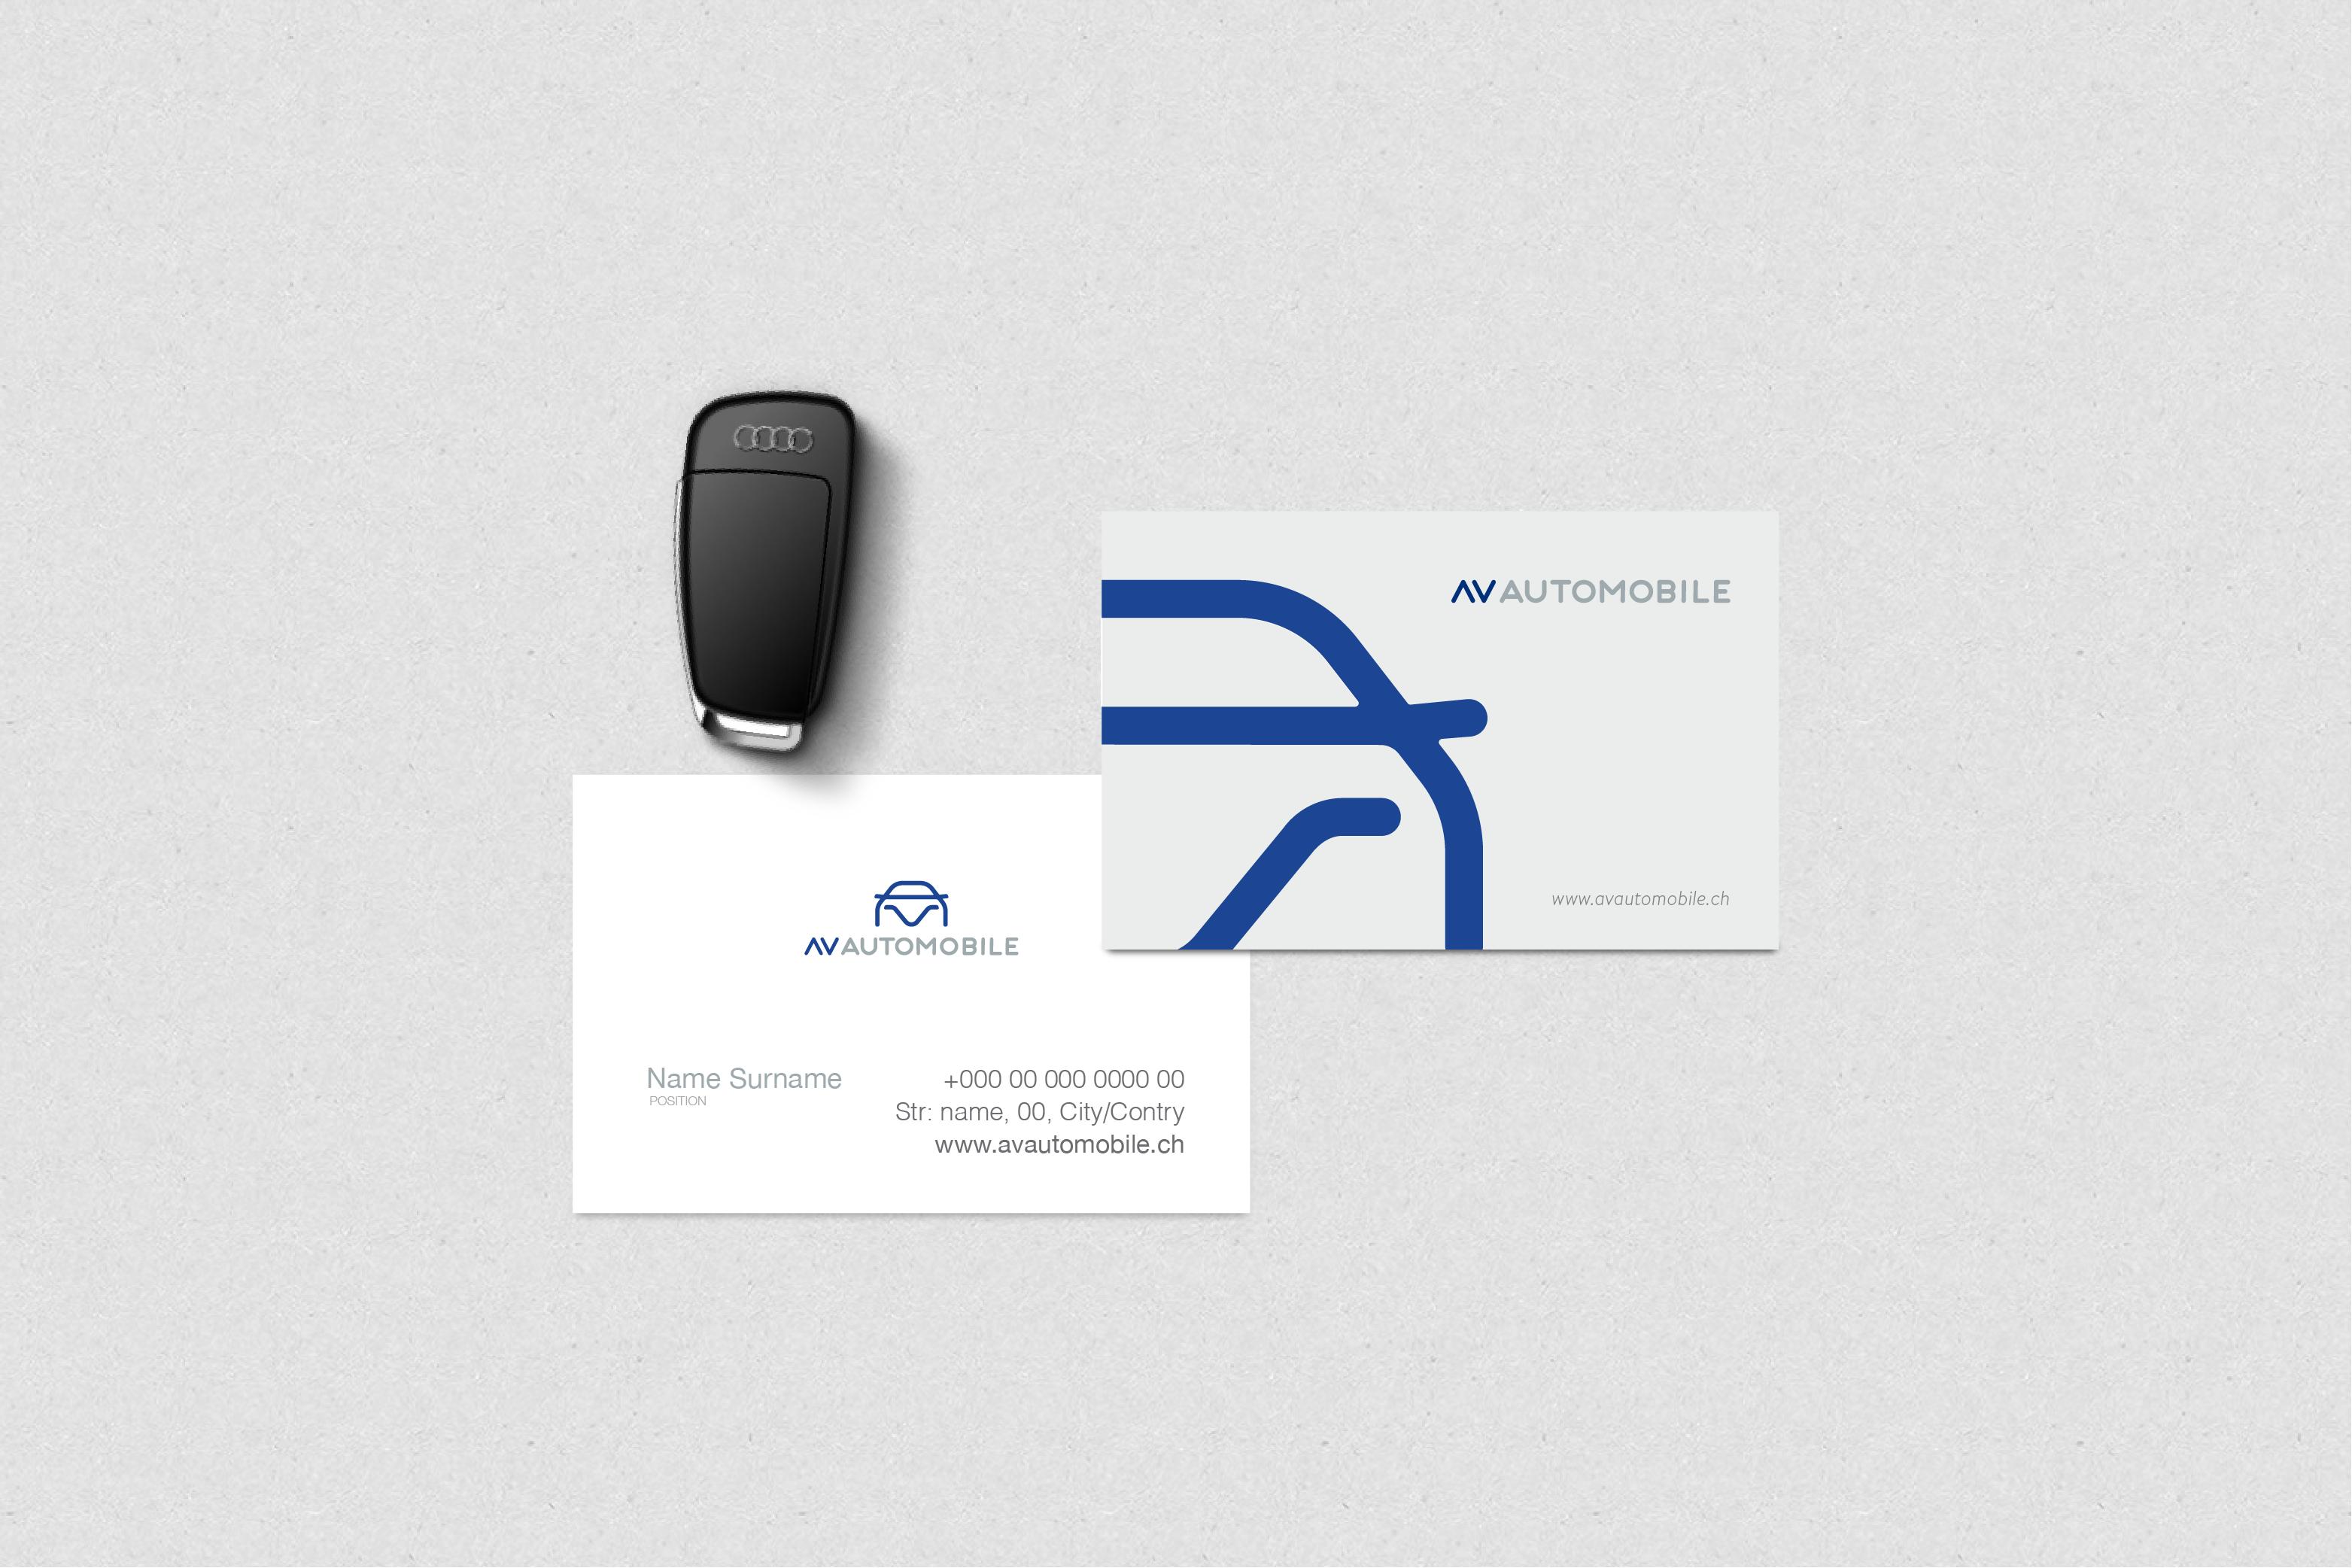 AV AUTOMOBILE - Branding